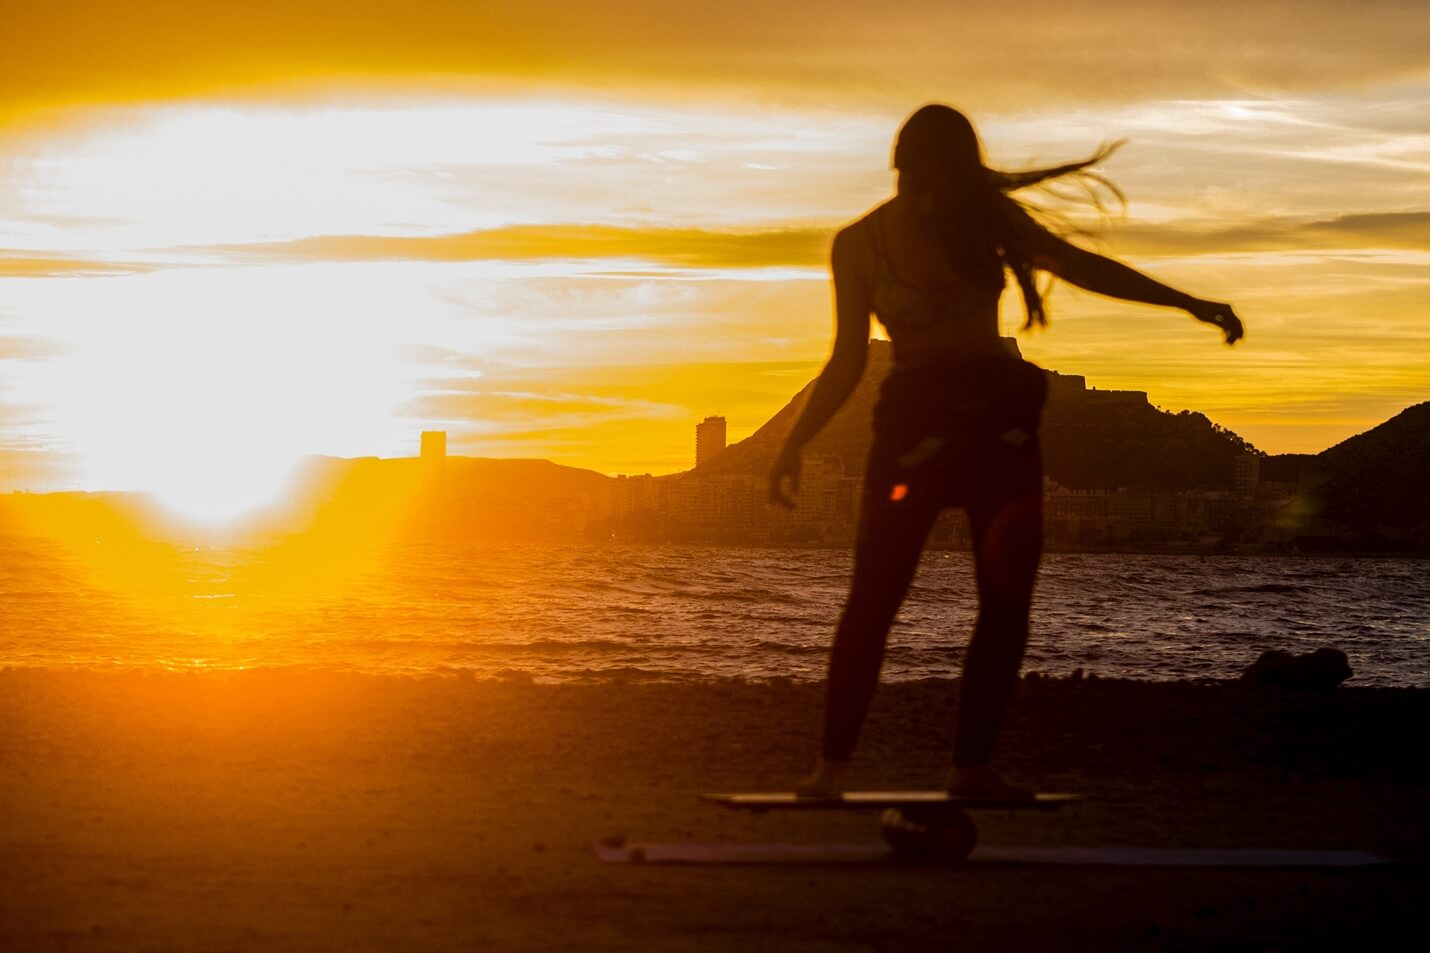 Balance Board Surf